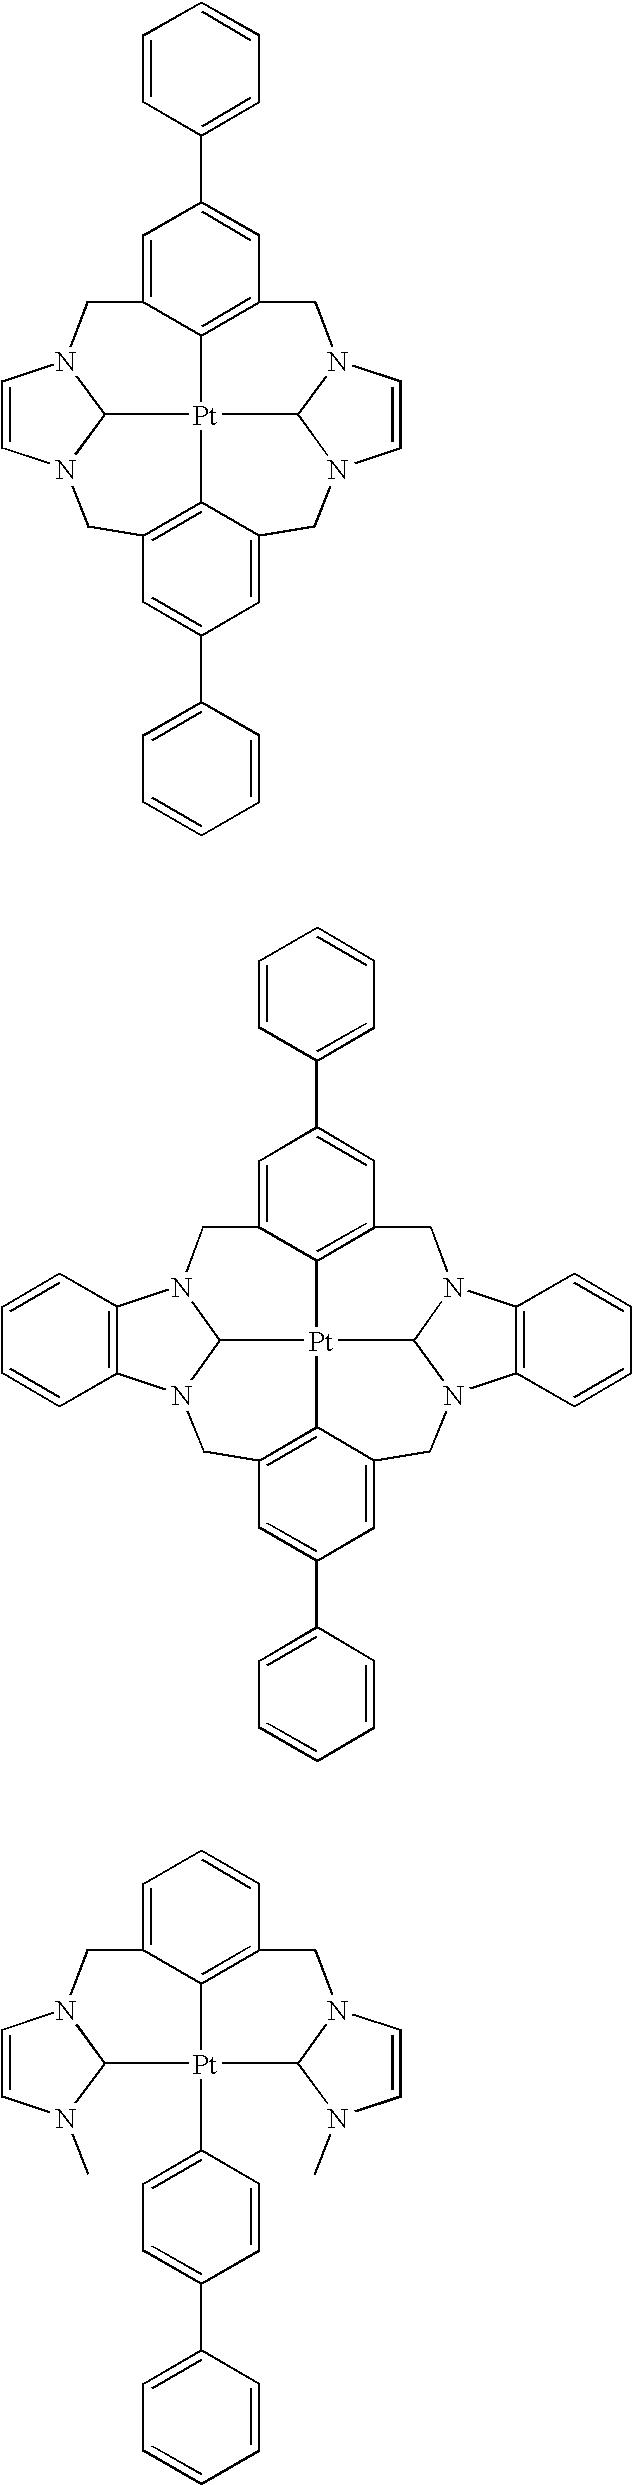 Figure US07655323-20100202-C00065